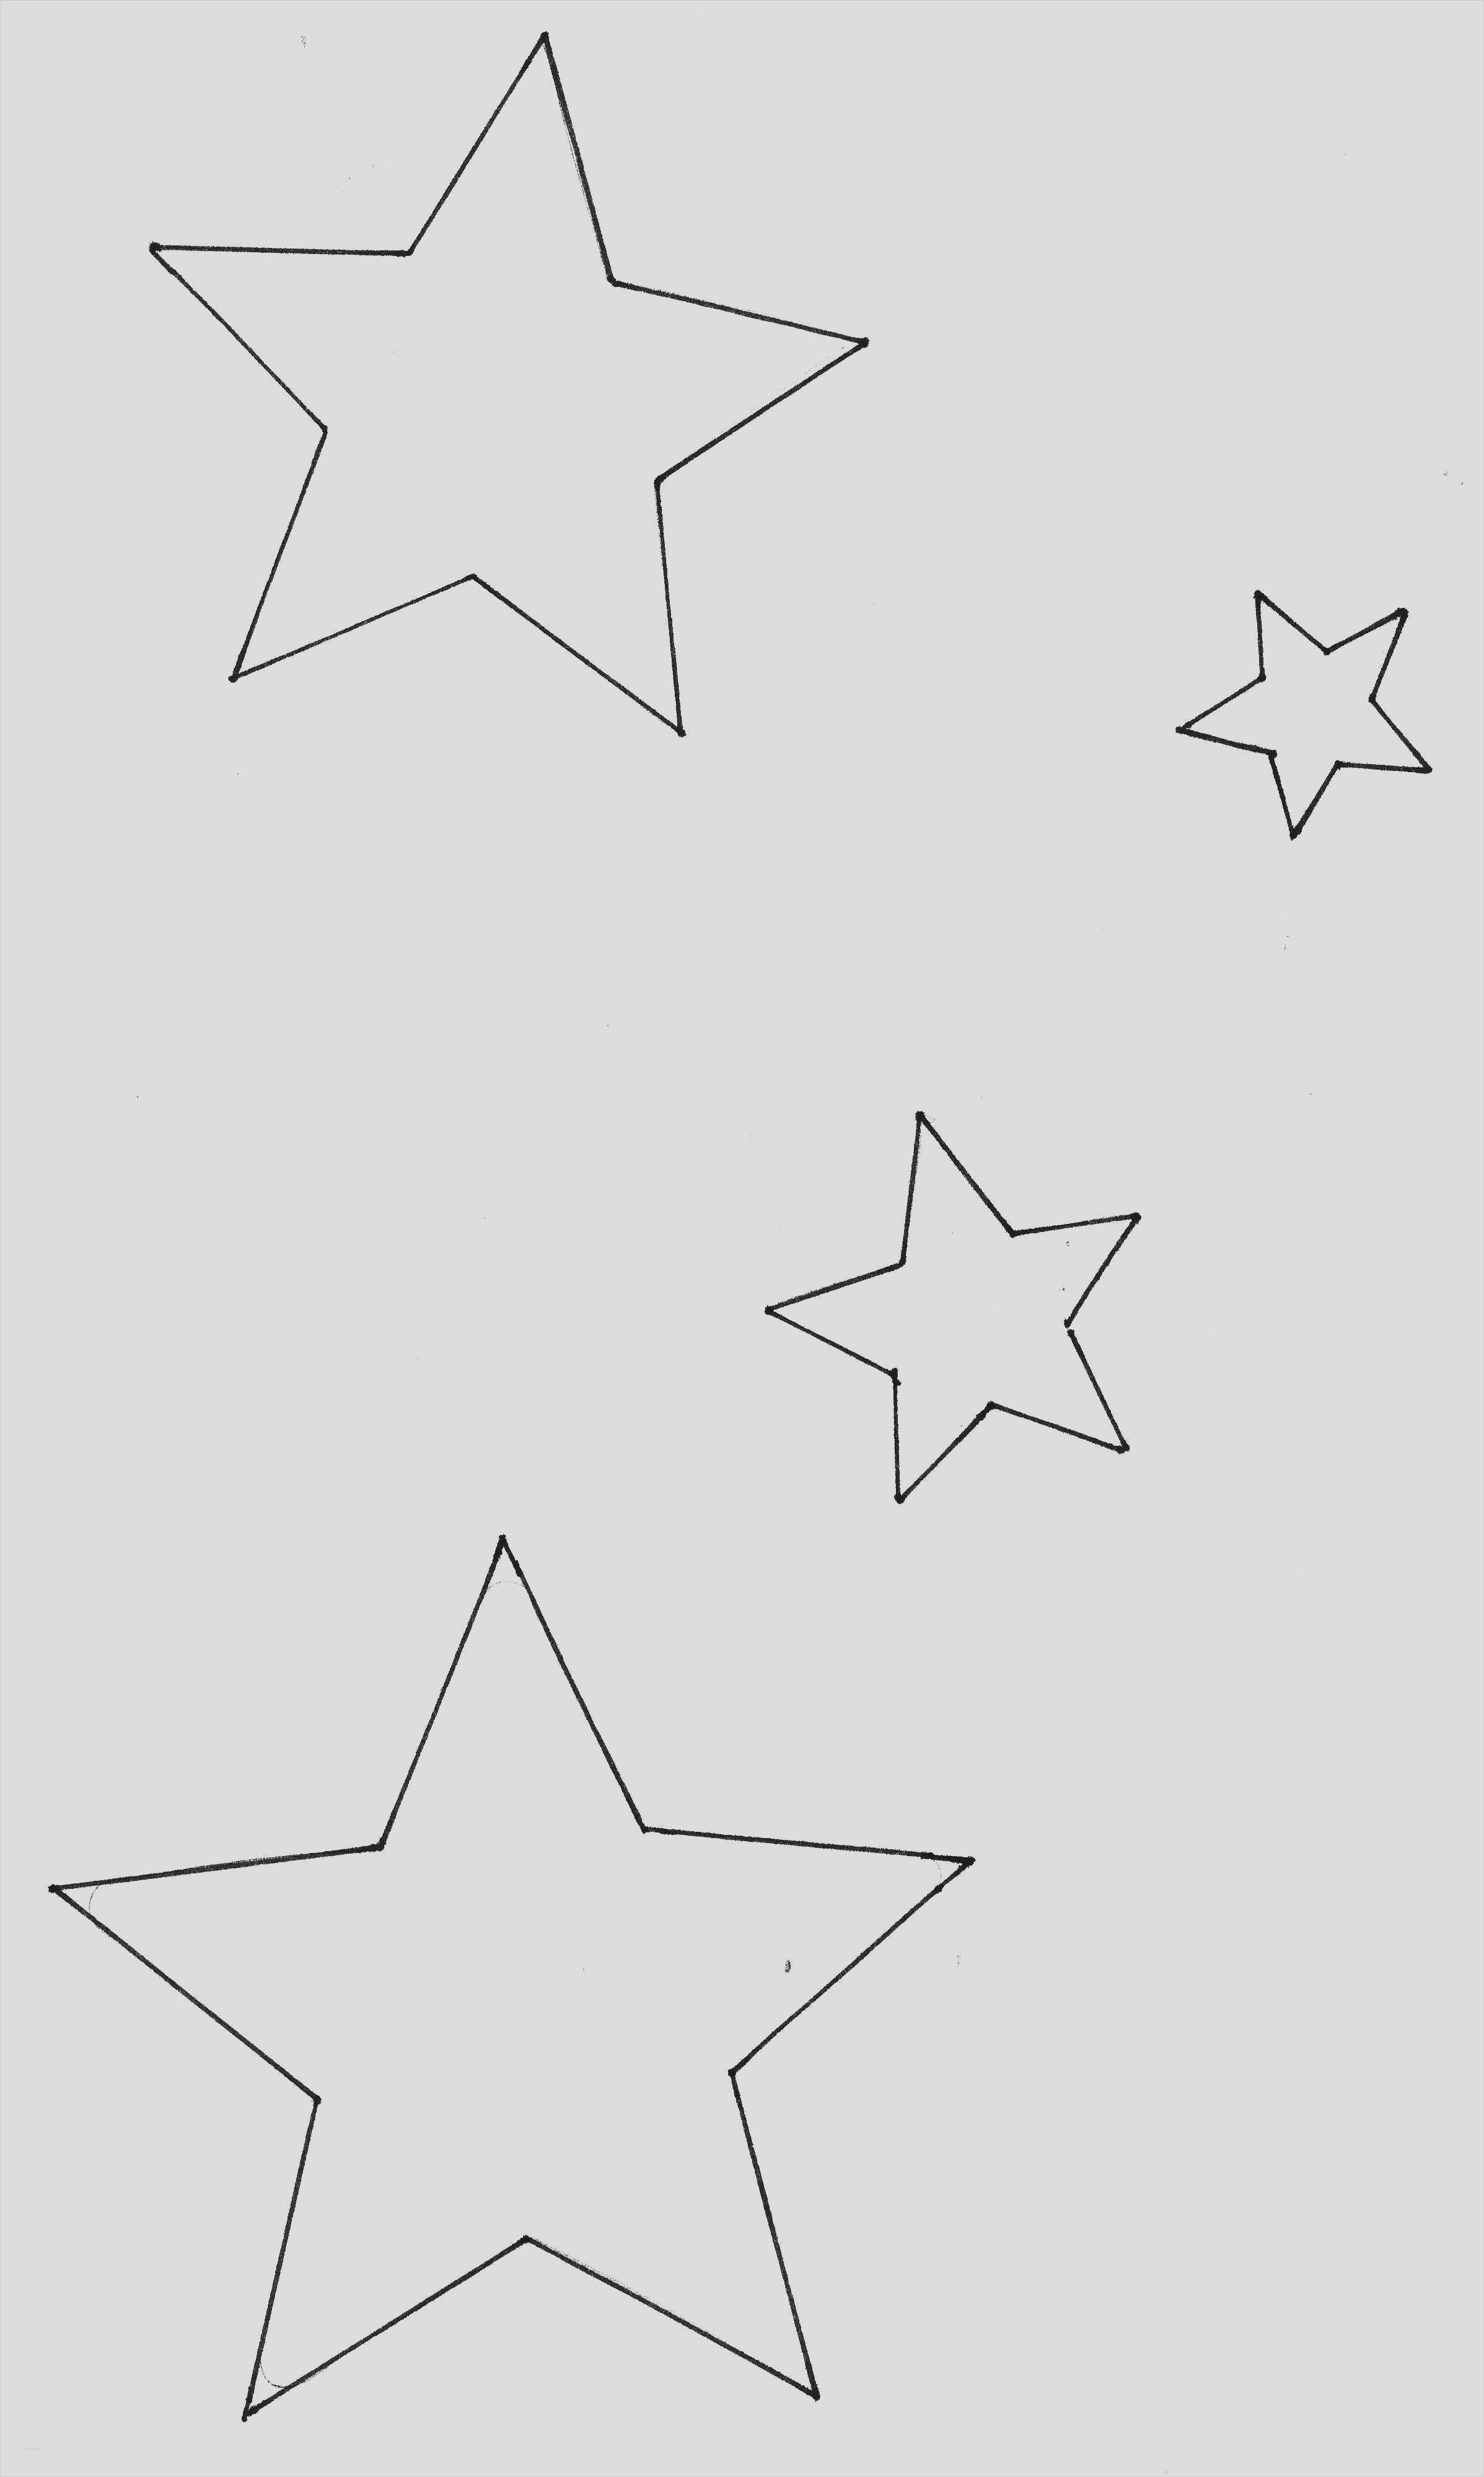 stern vorlage groß inspiration malvorlage stern groß